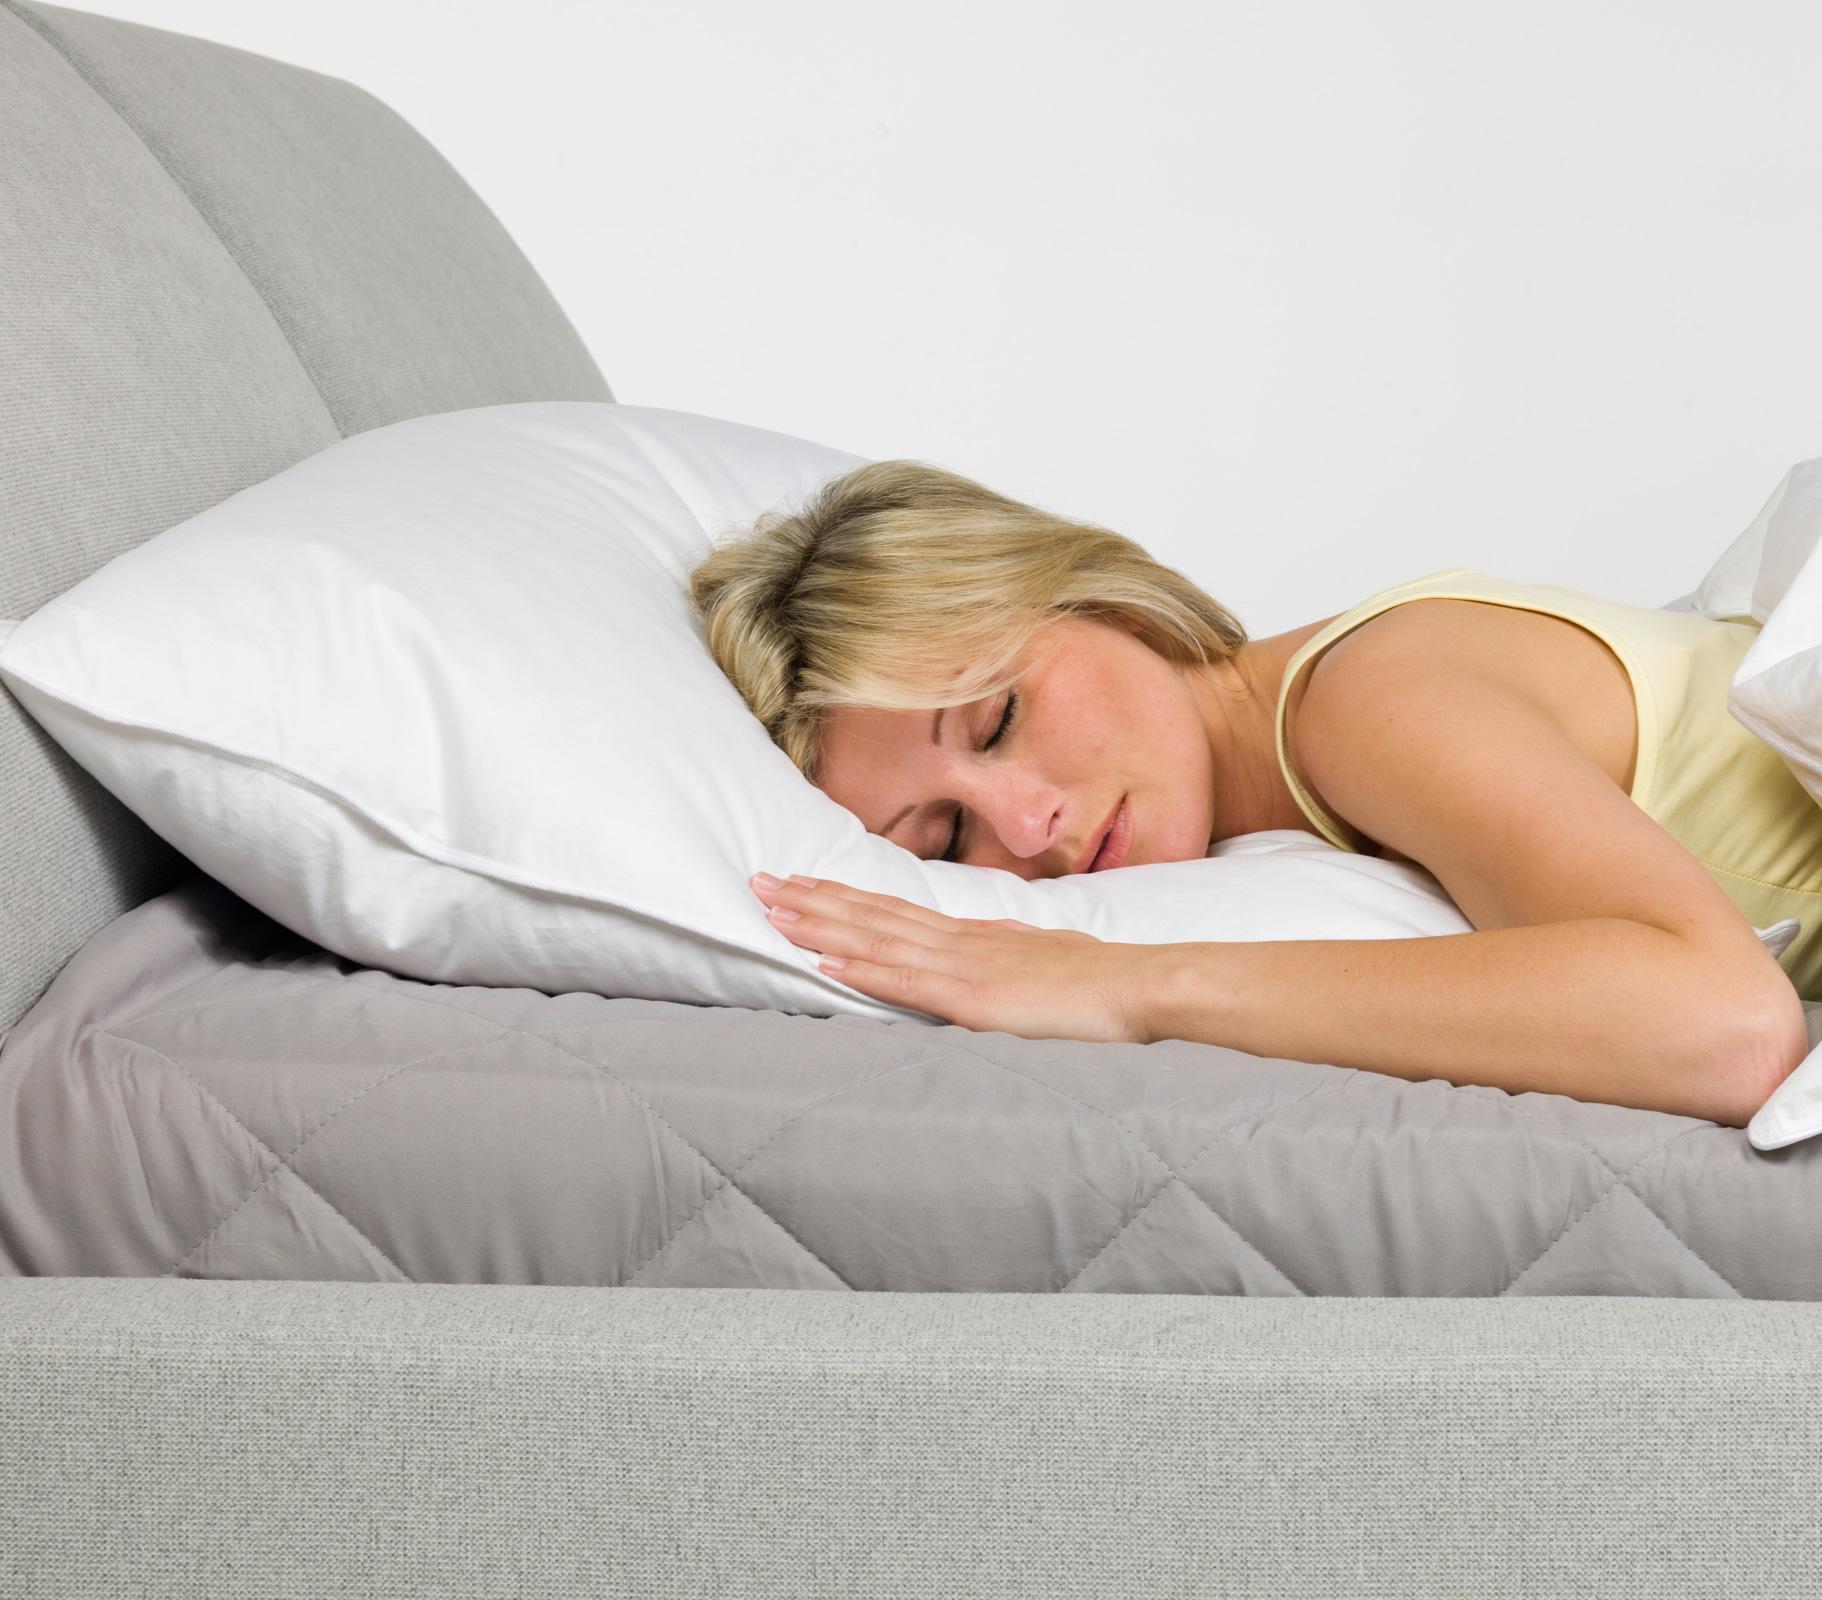 Bettdecken und Kopfkissen - Premium Kopfkissen 80x80 800 Gramm 50 Daunen 50 Federn Serie Moon  - Onlineshop PremiumShop321